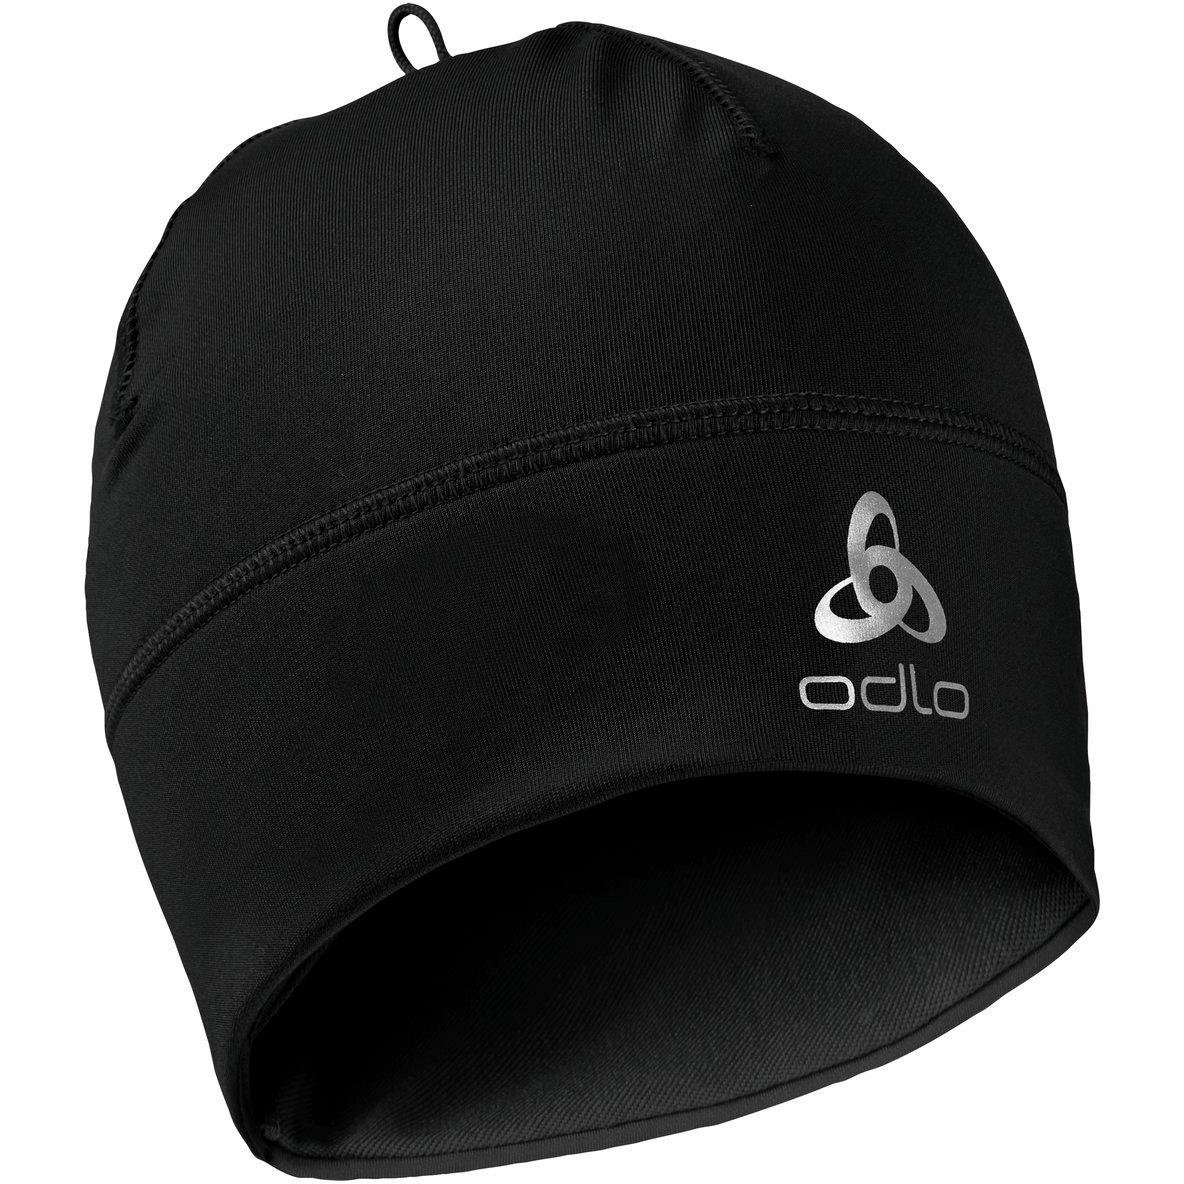 Odlo The Polyknit Warm ECO Mütze 762670 - 15000 black